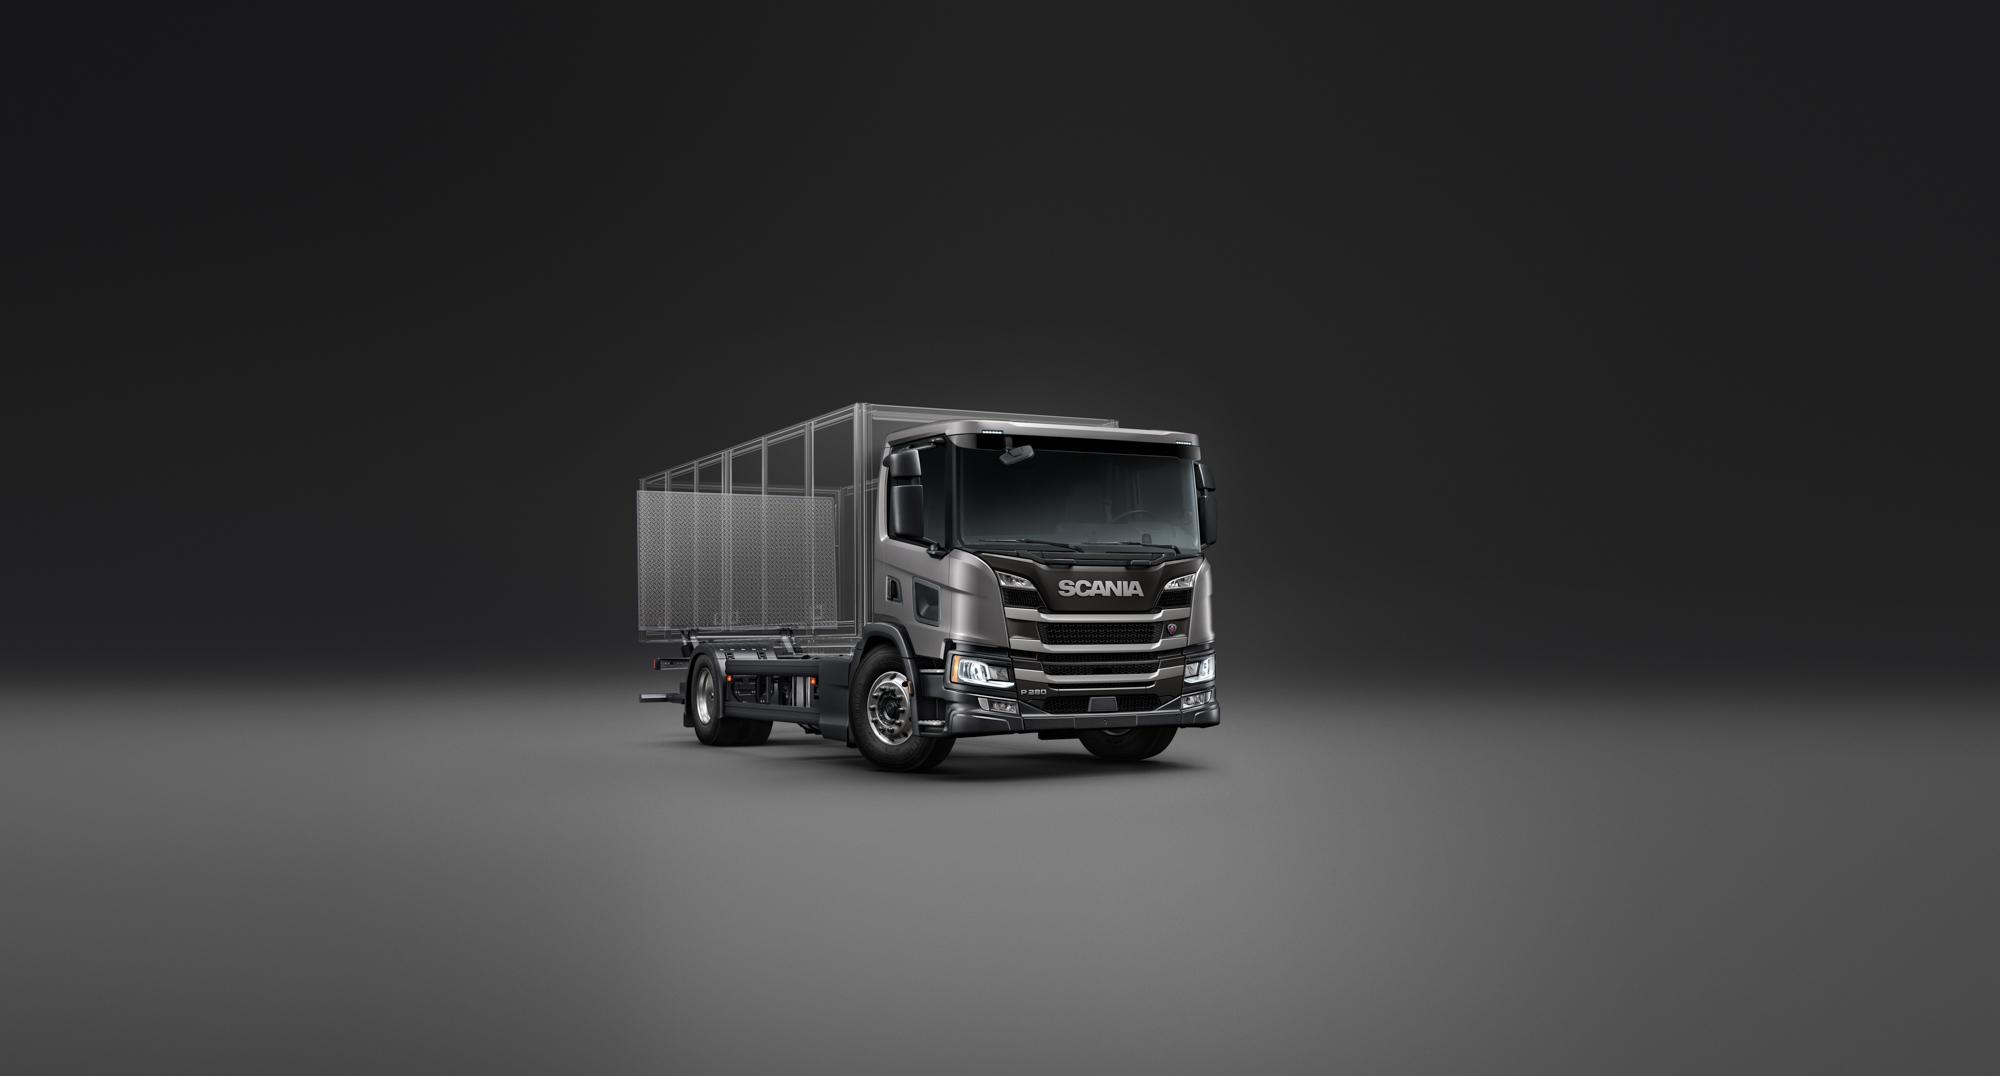 Scania_Truck_006.JPG